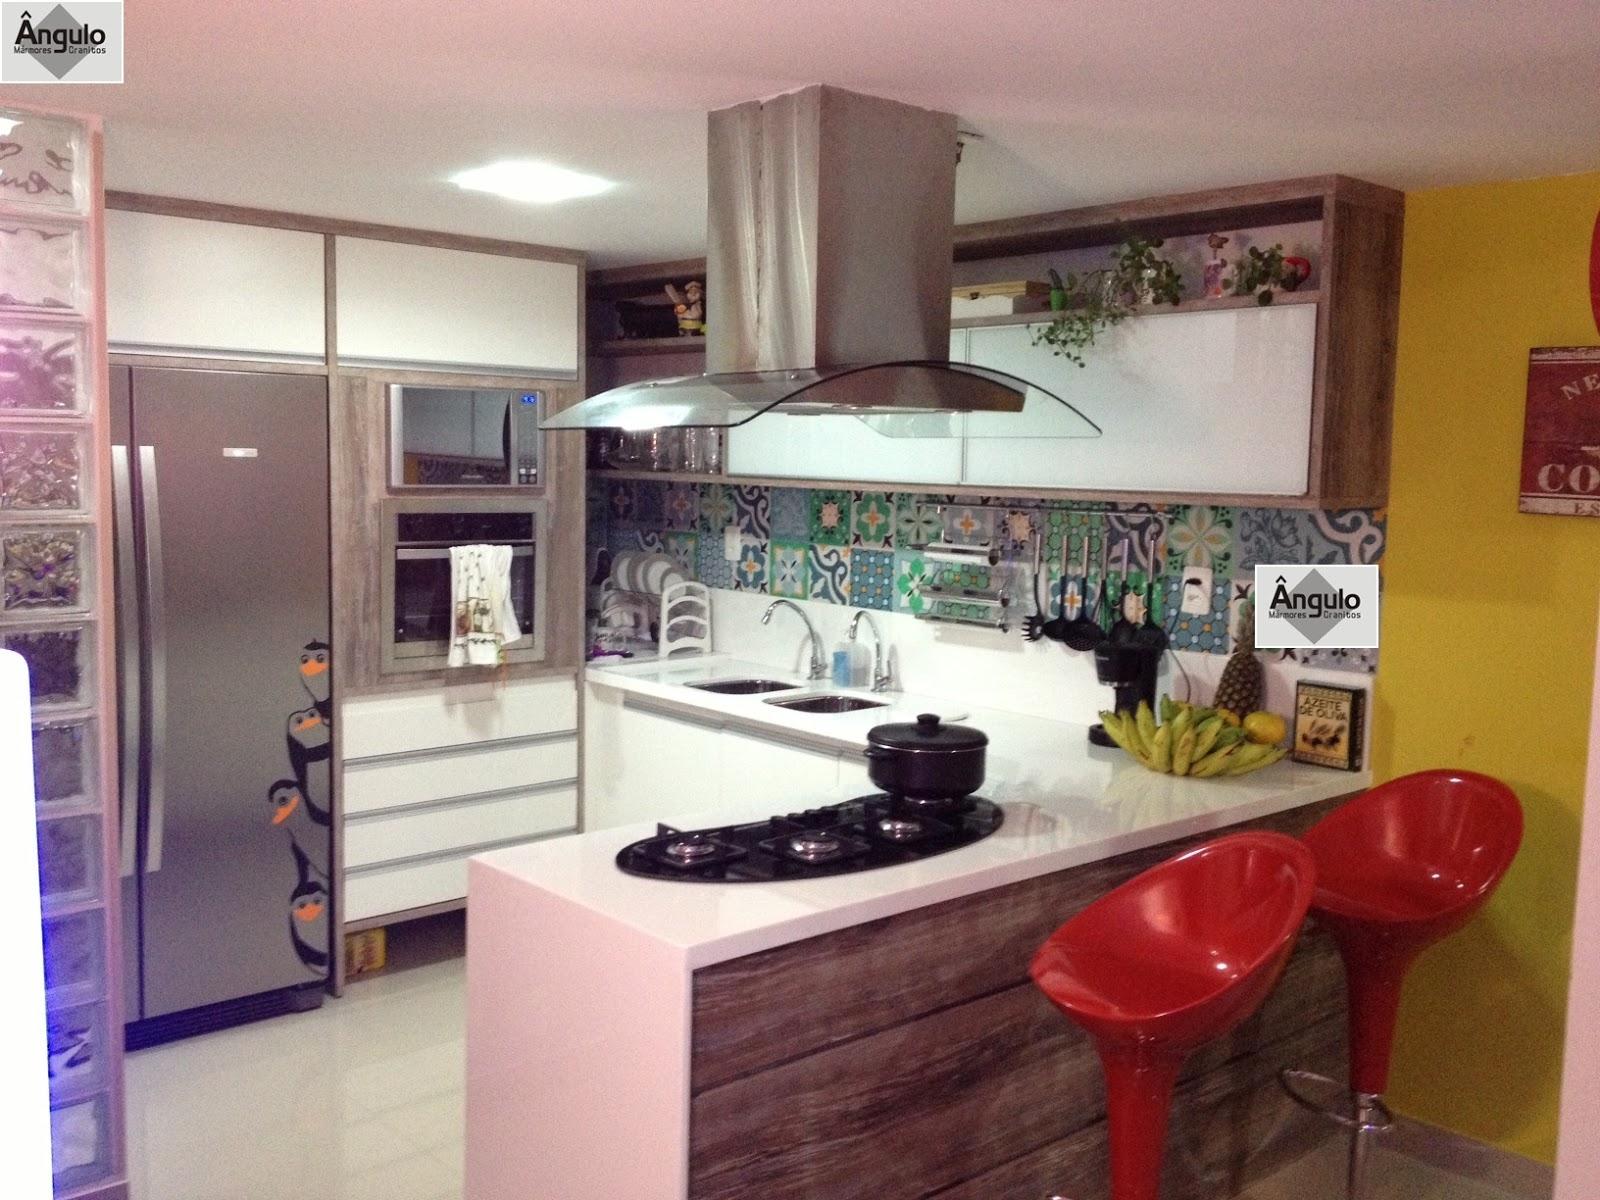 Linda Cozinha projetada em Nanoglass. Um projeto compacto funcional e  #A37F28 1600x1200 Balcao Banheiro Fabrica